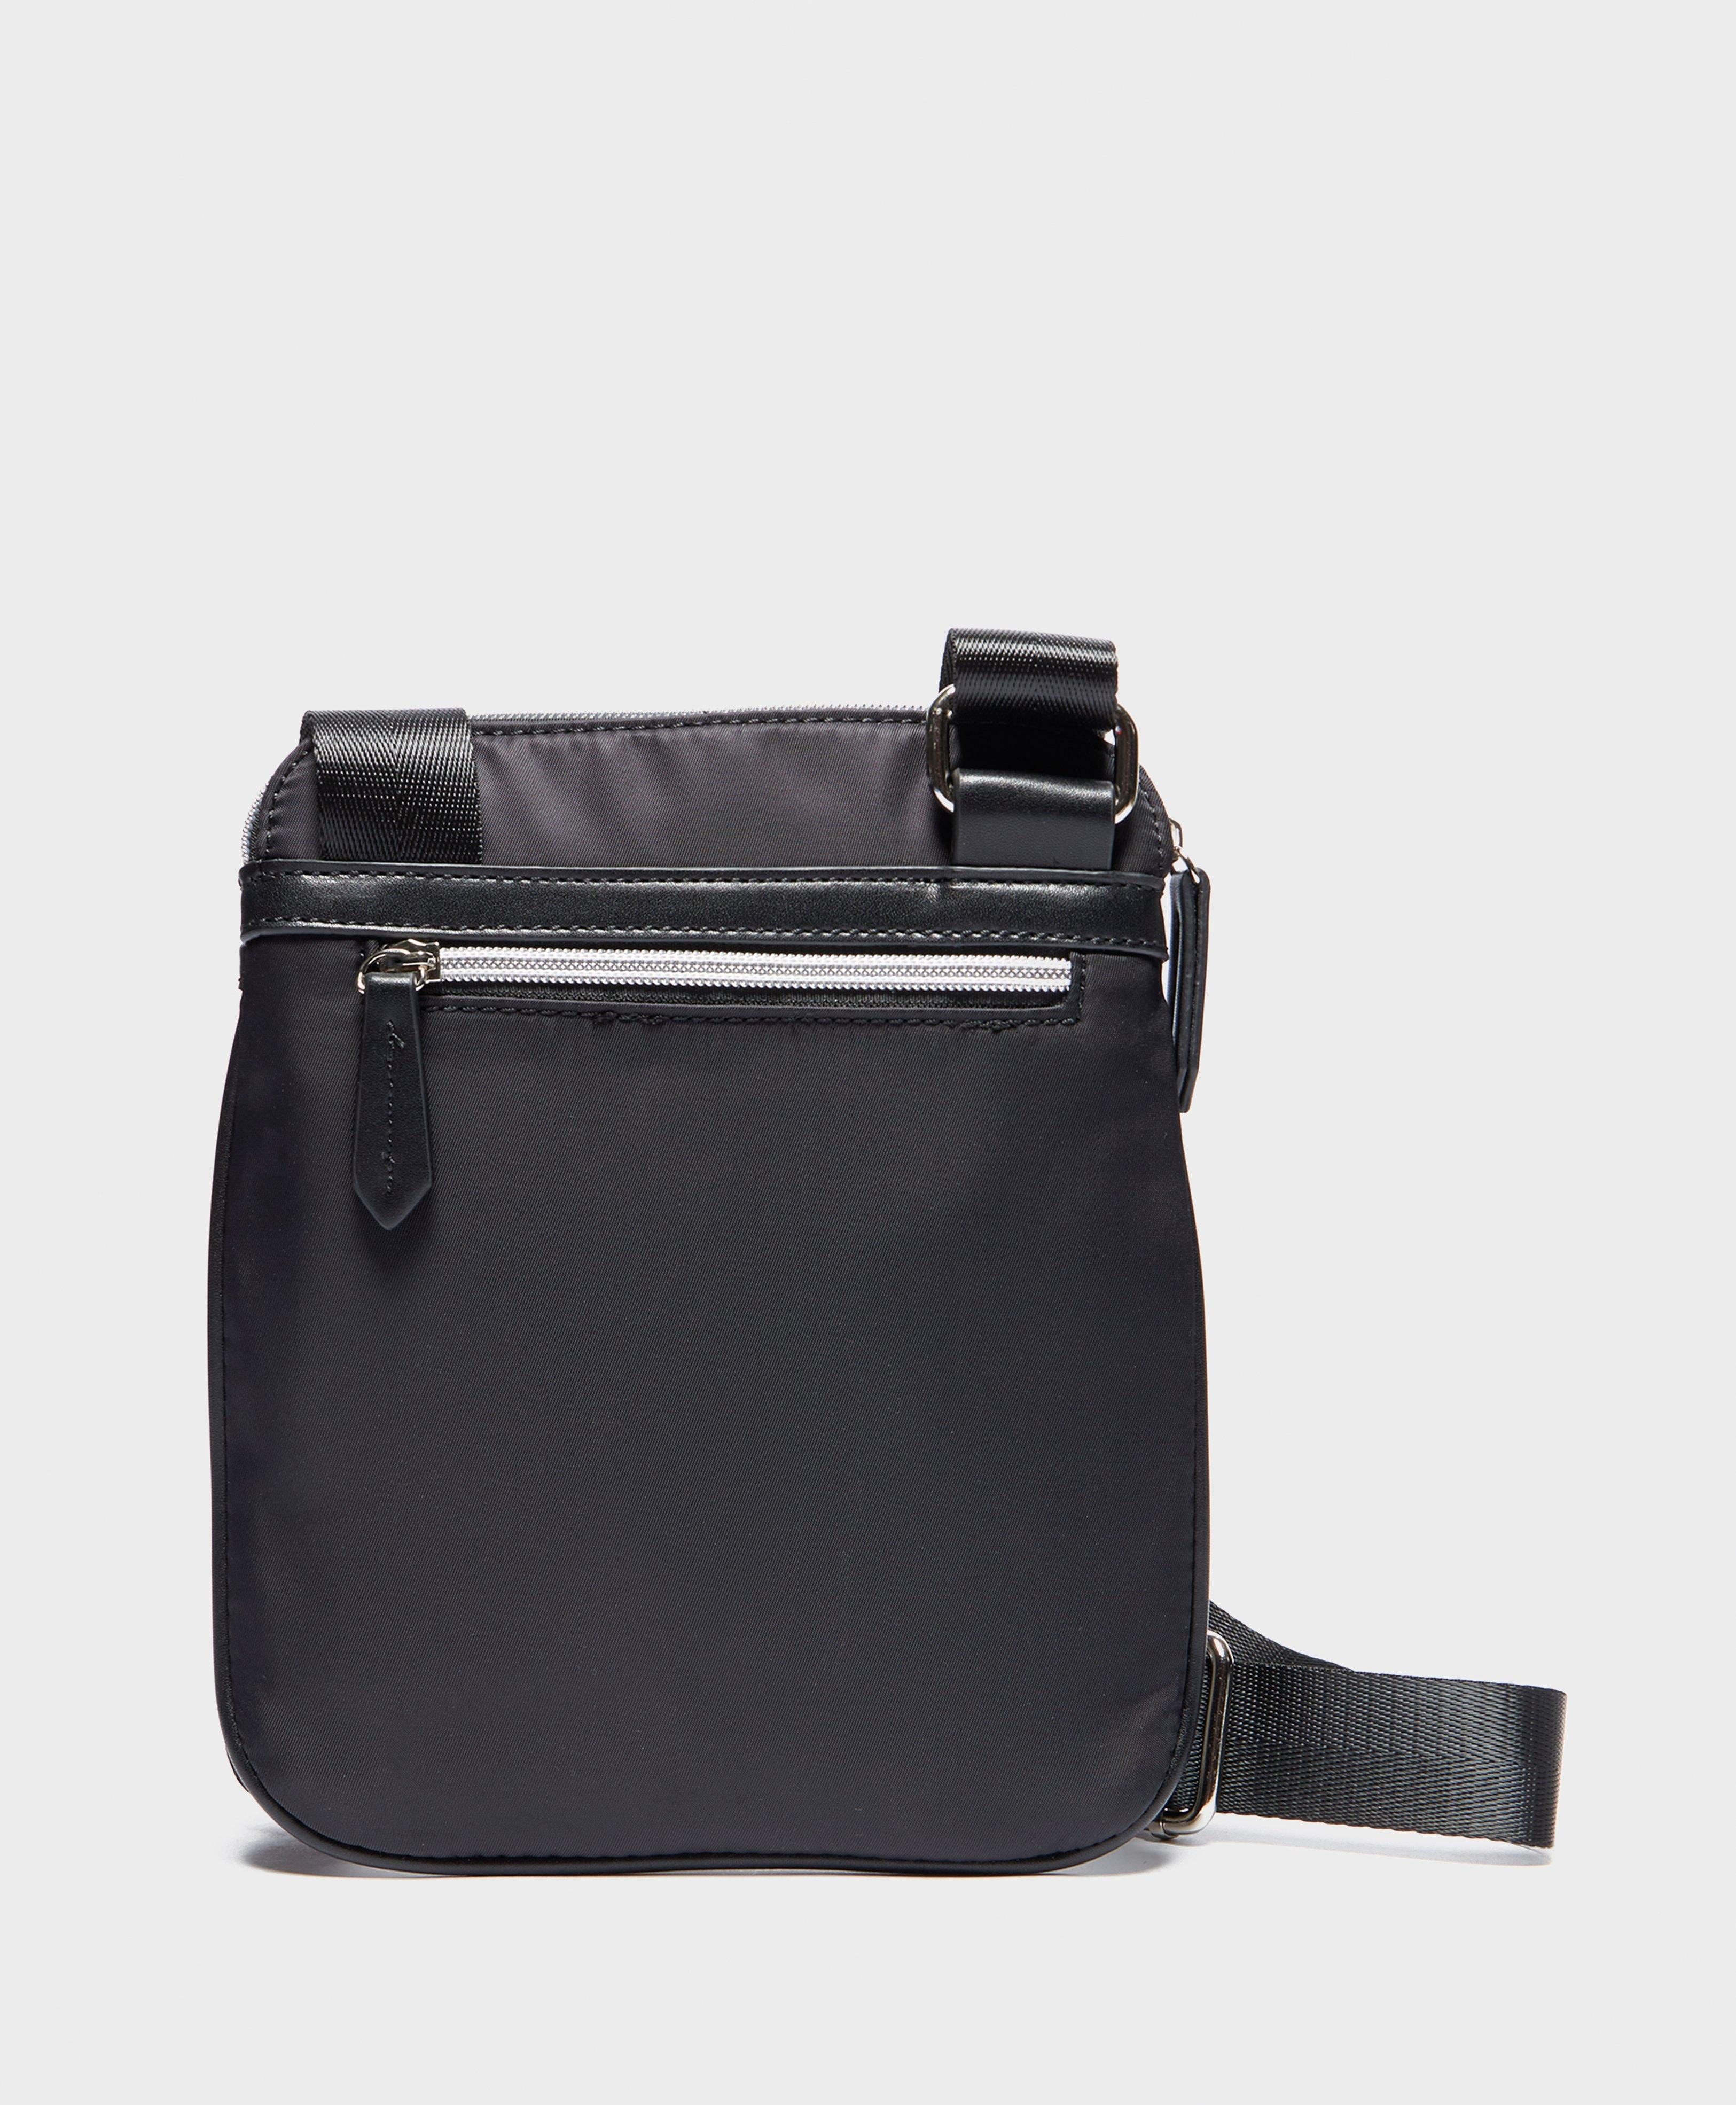 Valentino By Mario Valentino Nylon Small Bag for Men - Lyst 486fd061bb8